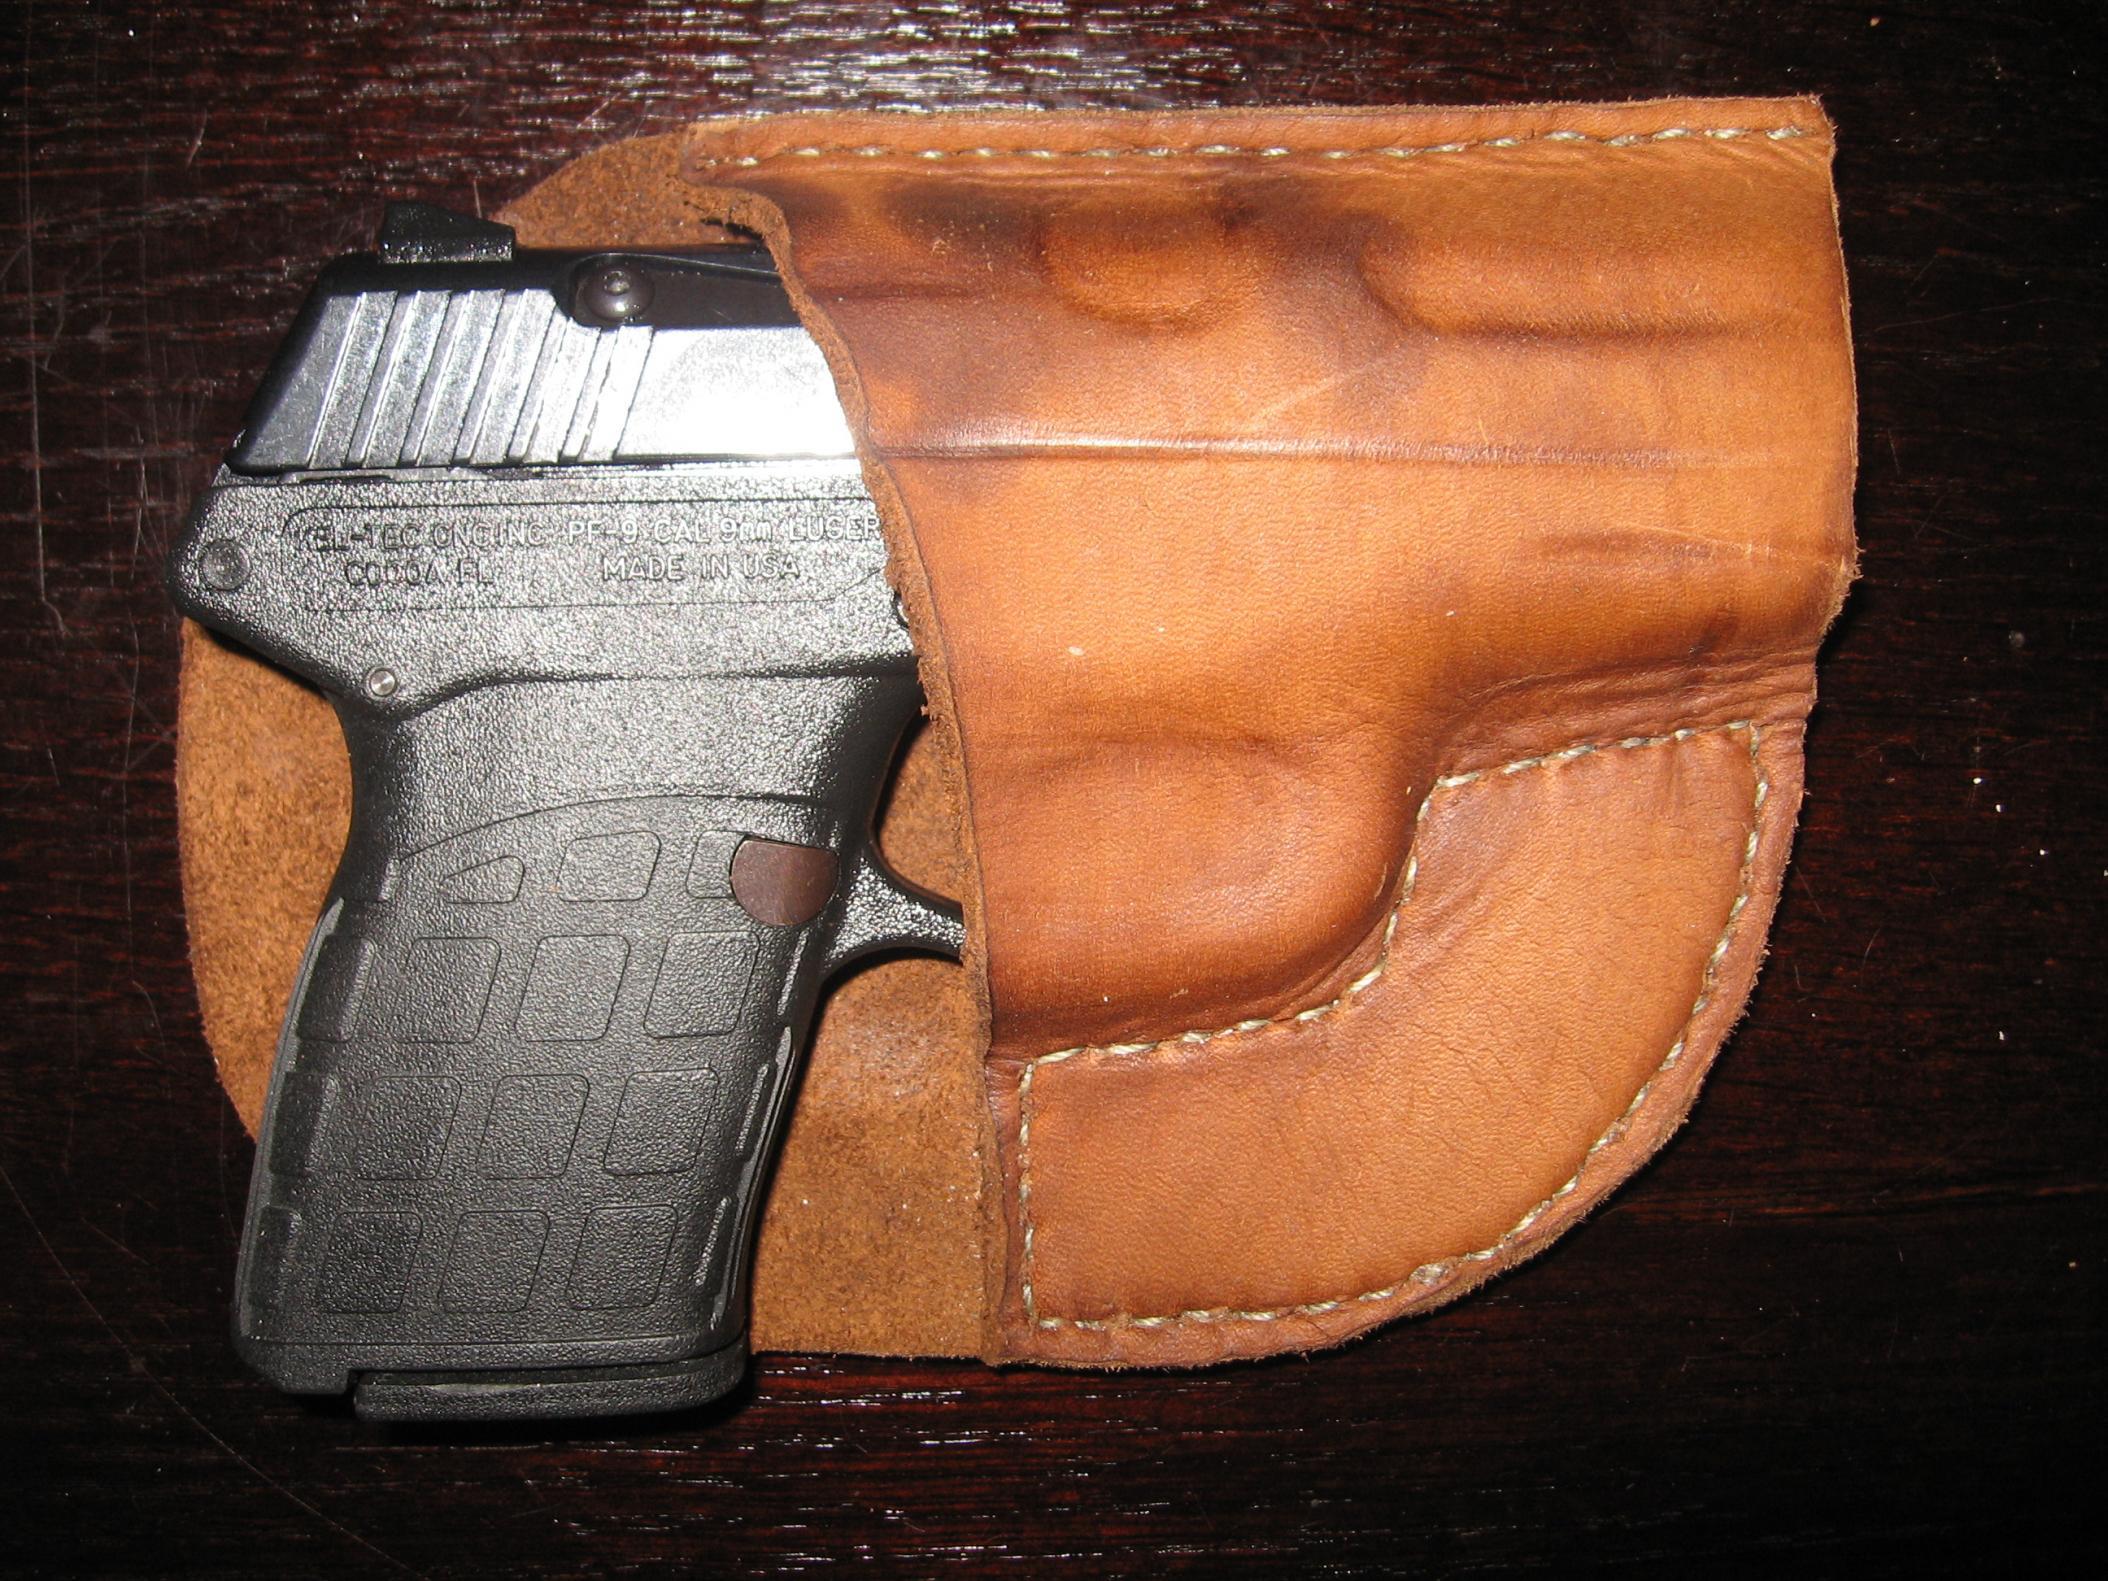 kel tec pf9 holsters-img_0449.jpg